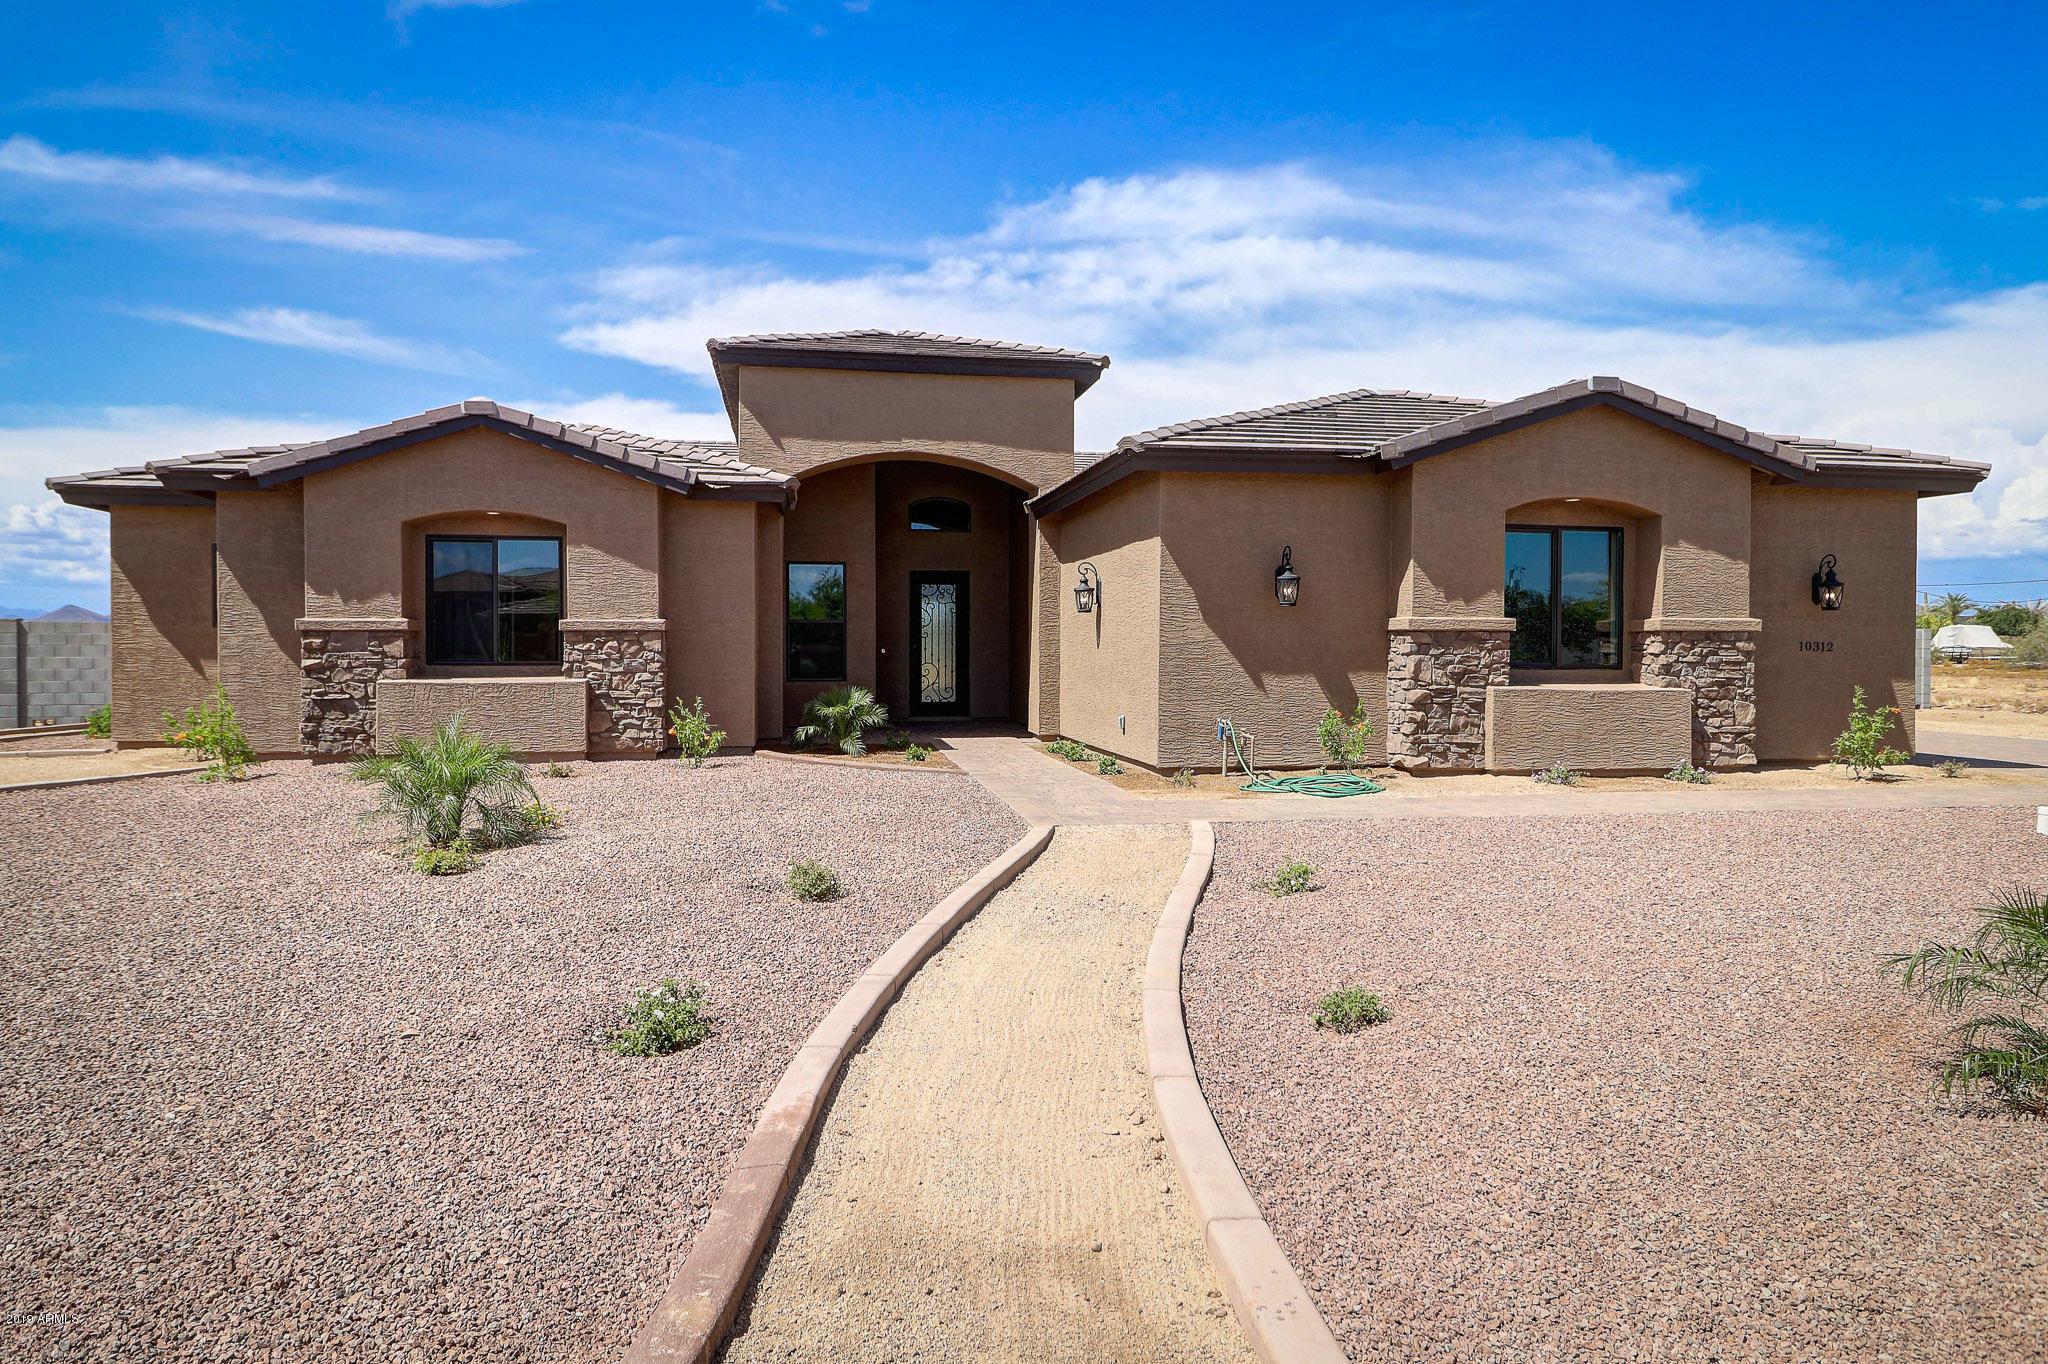 Photo of 10312 W Mariposa Grande --, Peoria, AZ 85383